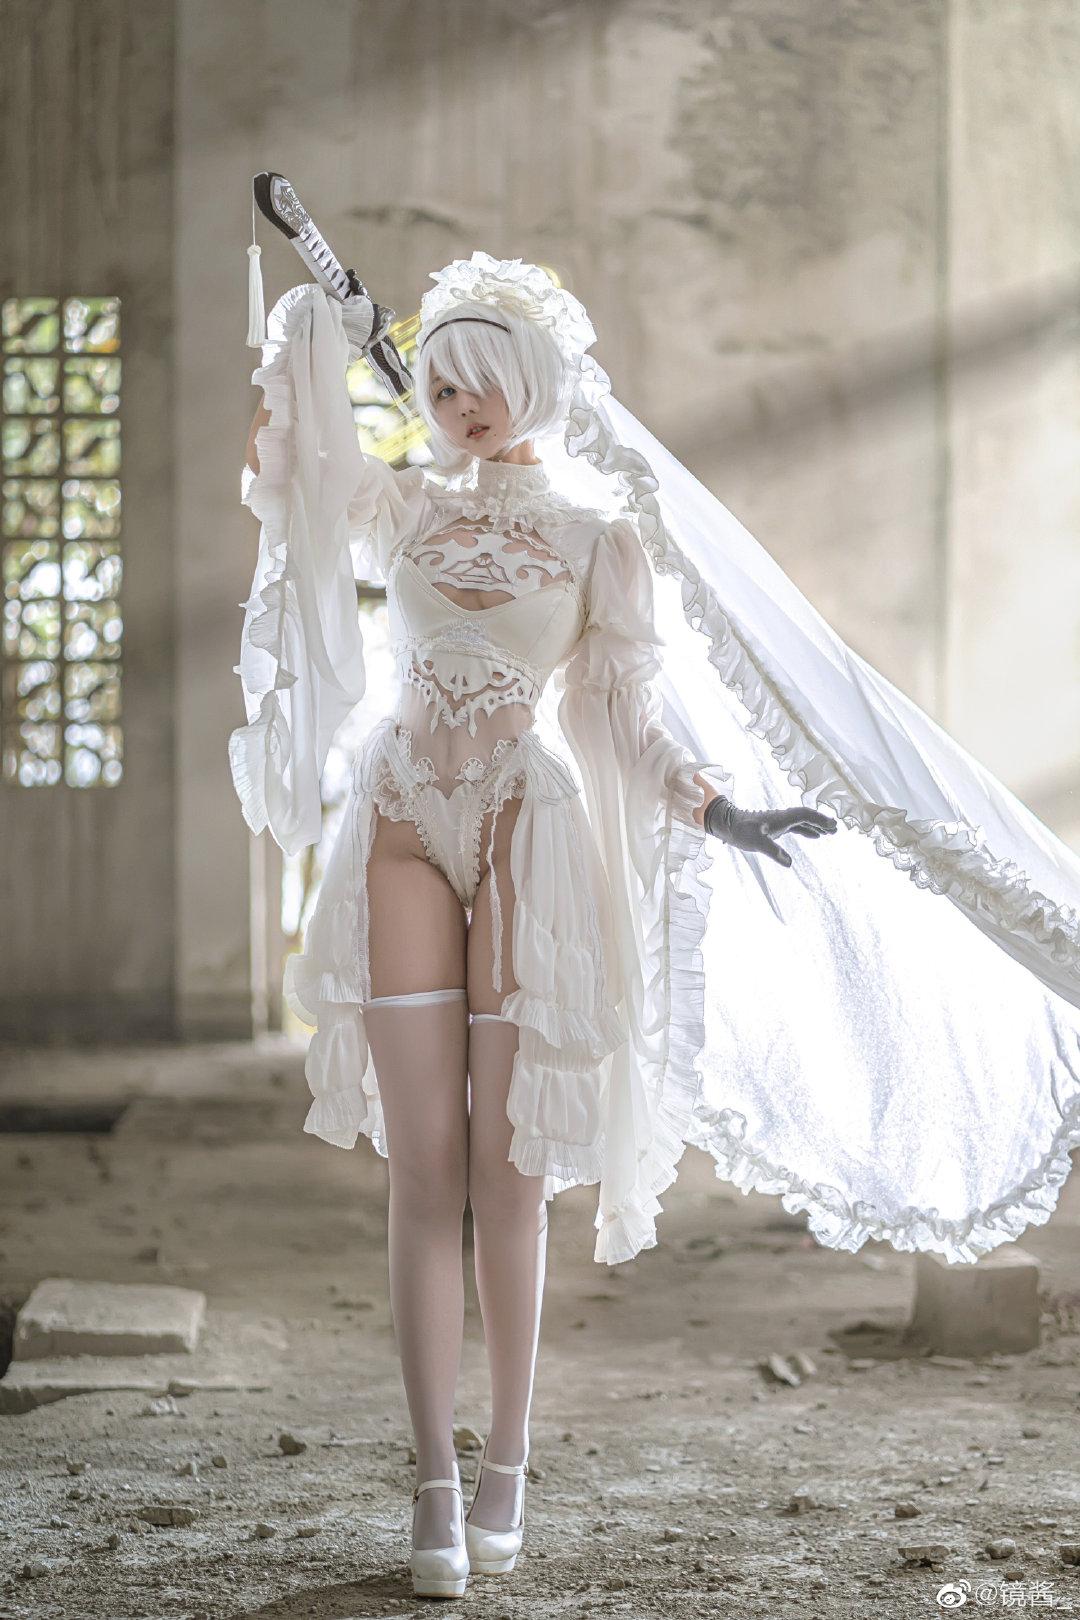 [COS]镜酱 #尼尔:机械纪元#2b白色婚纱 COSPLAY-第5张